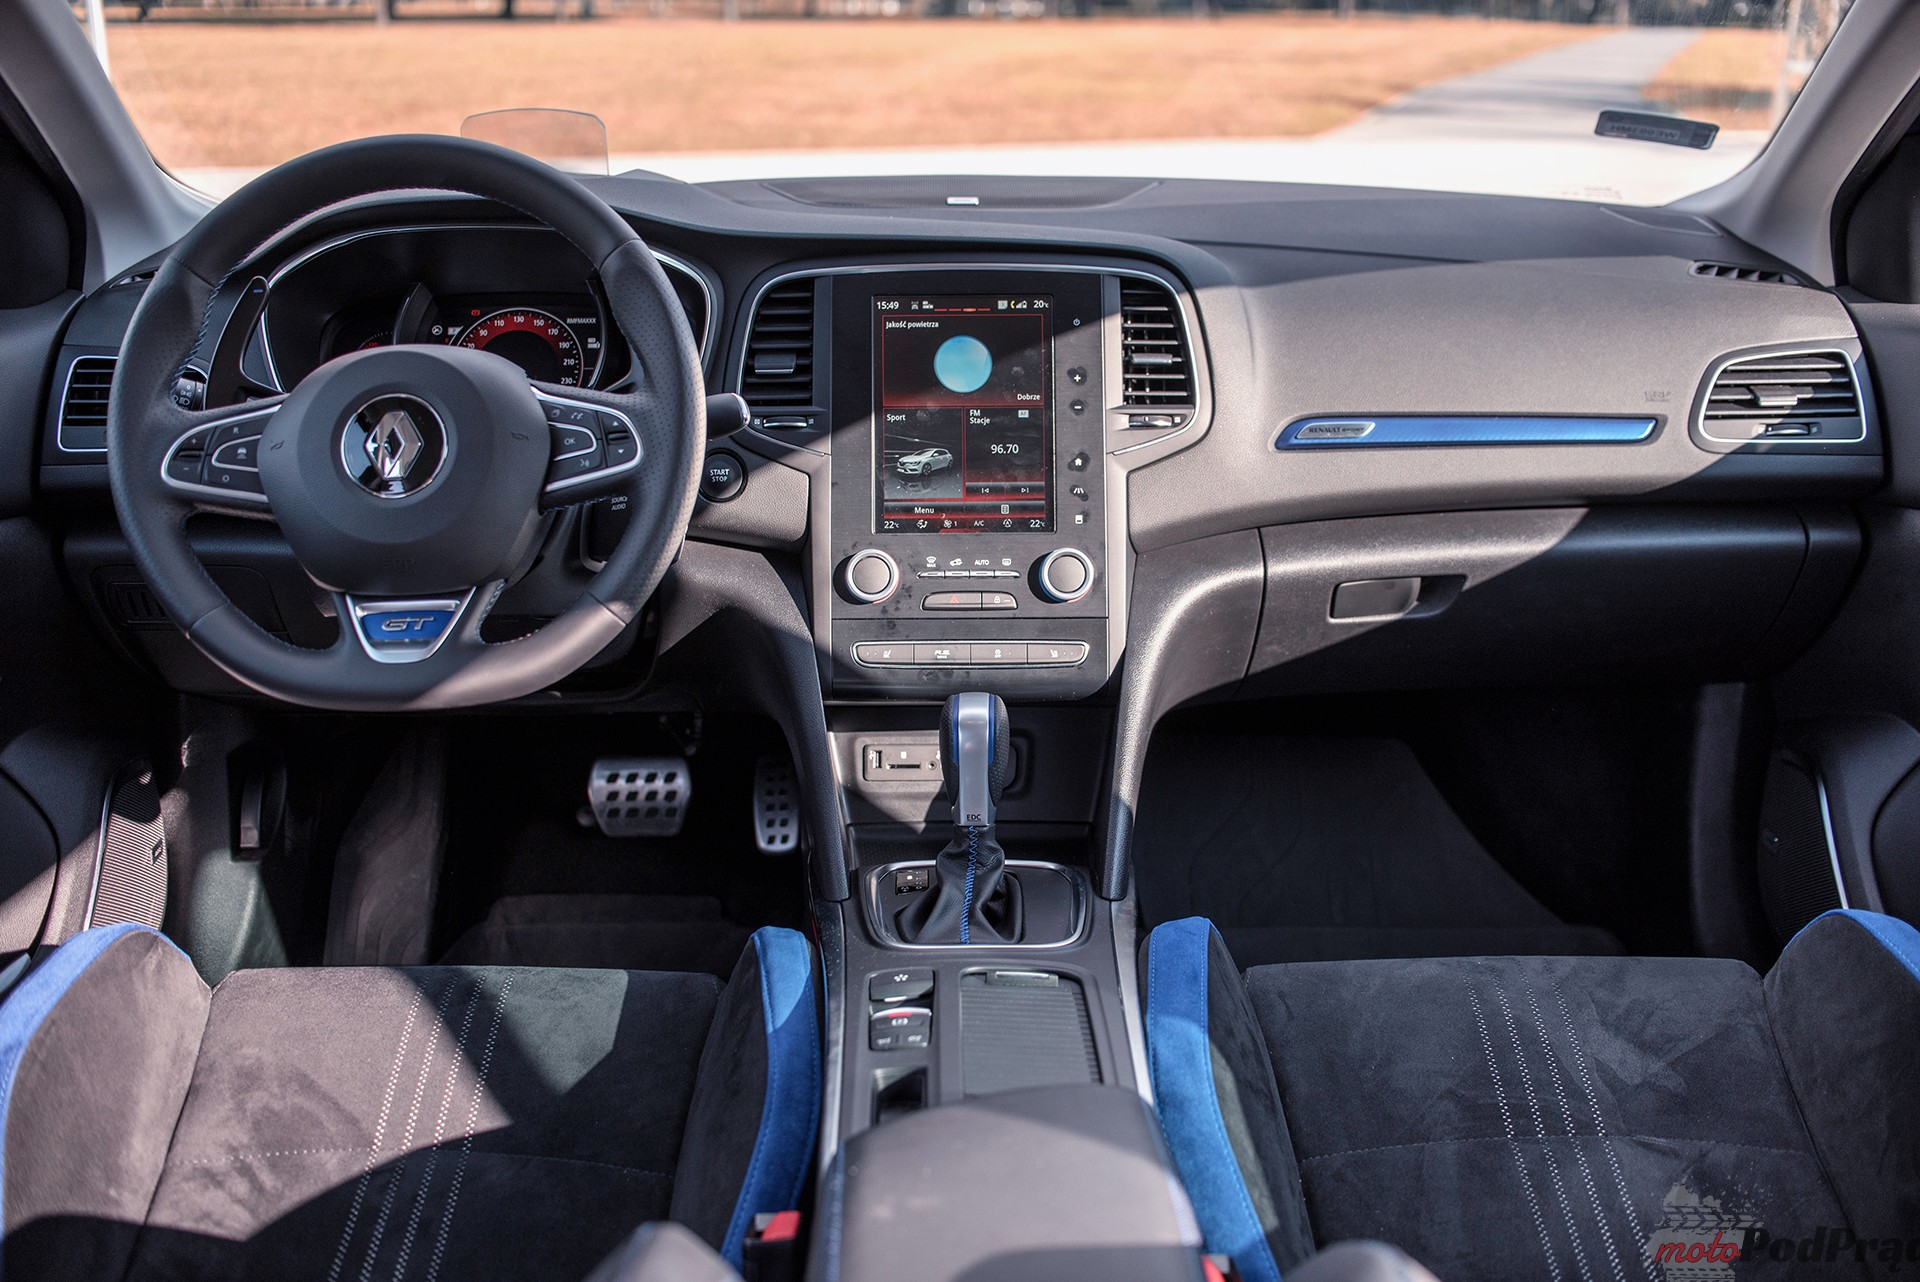 Renault Megane GT 18 Test: Renault Megane GT   cieplejszy kompakt